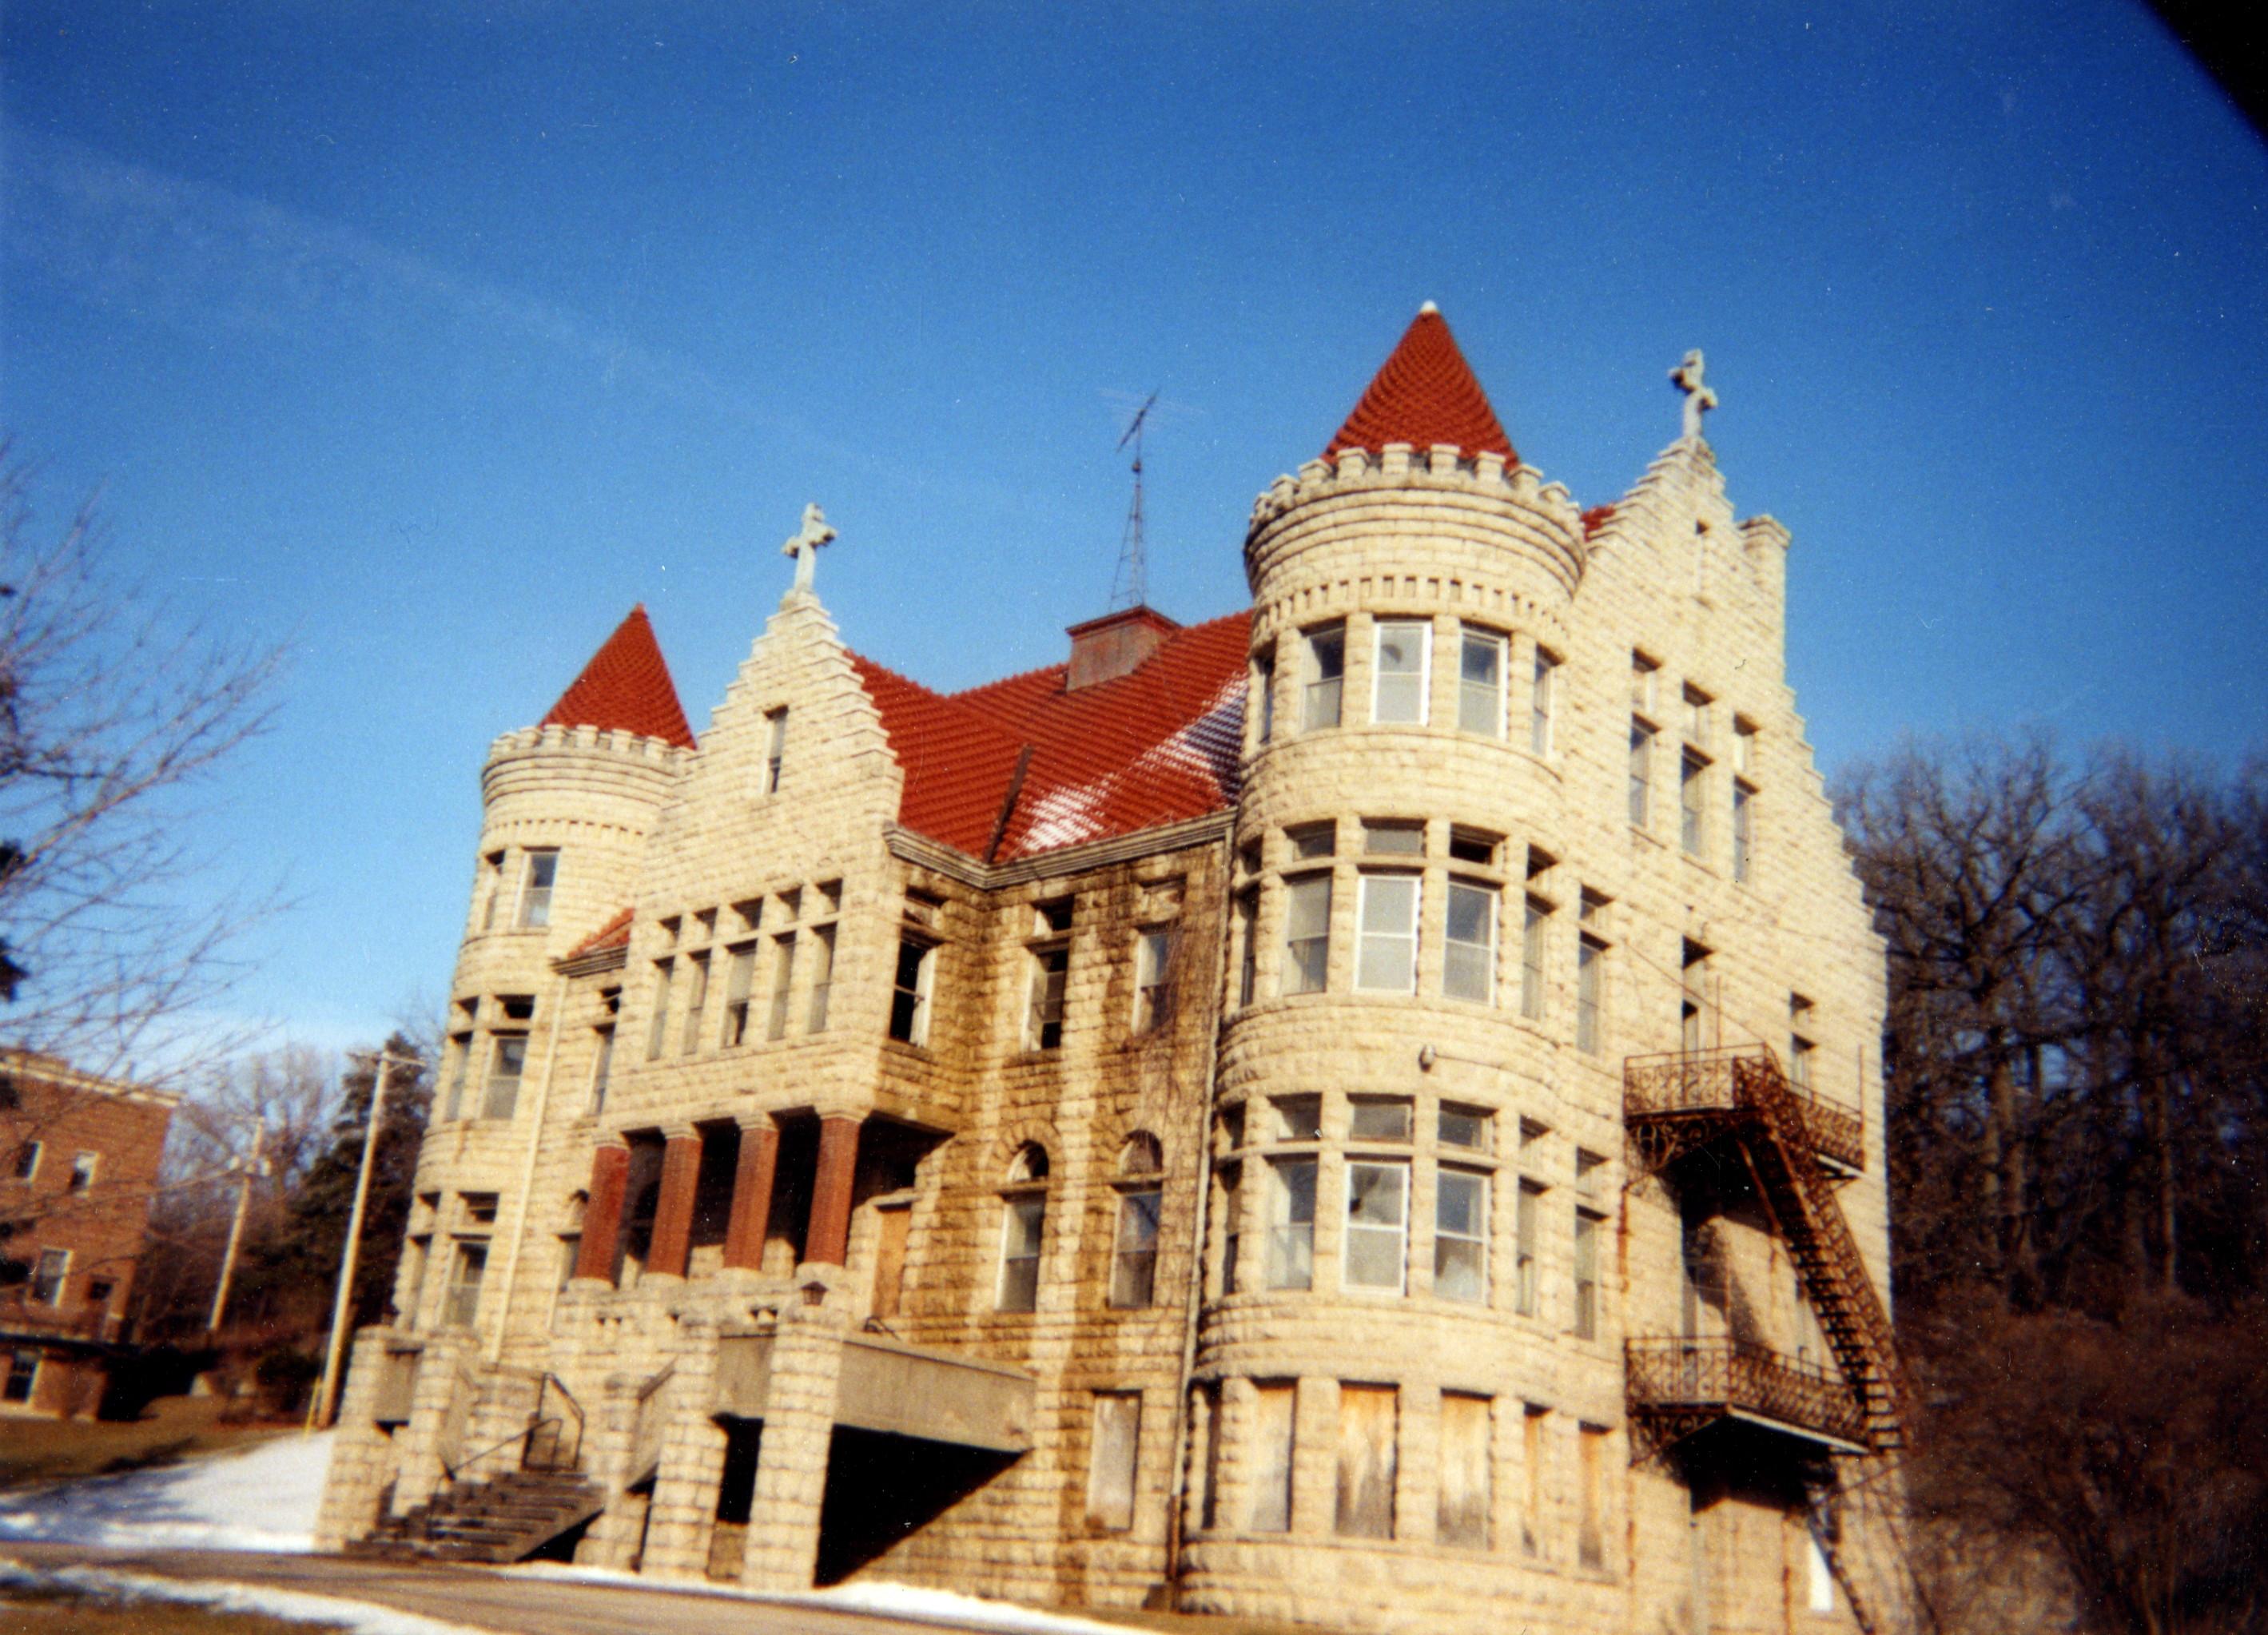 Boyle Hall (originally St. Mary's Springs Sanitarium), 2005